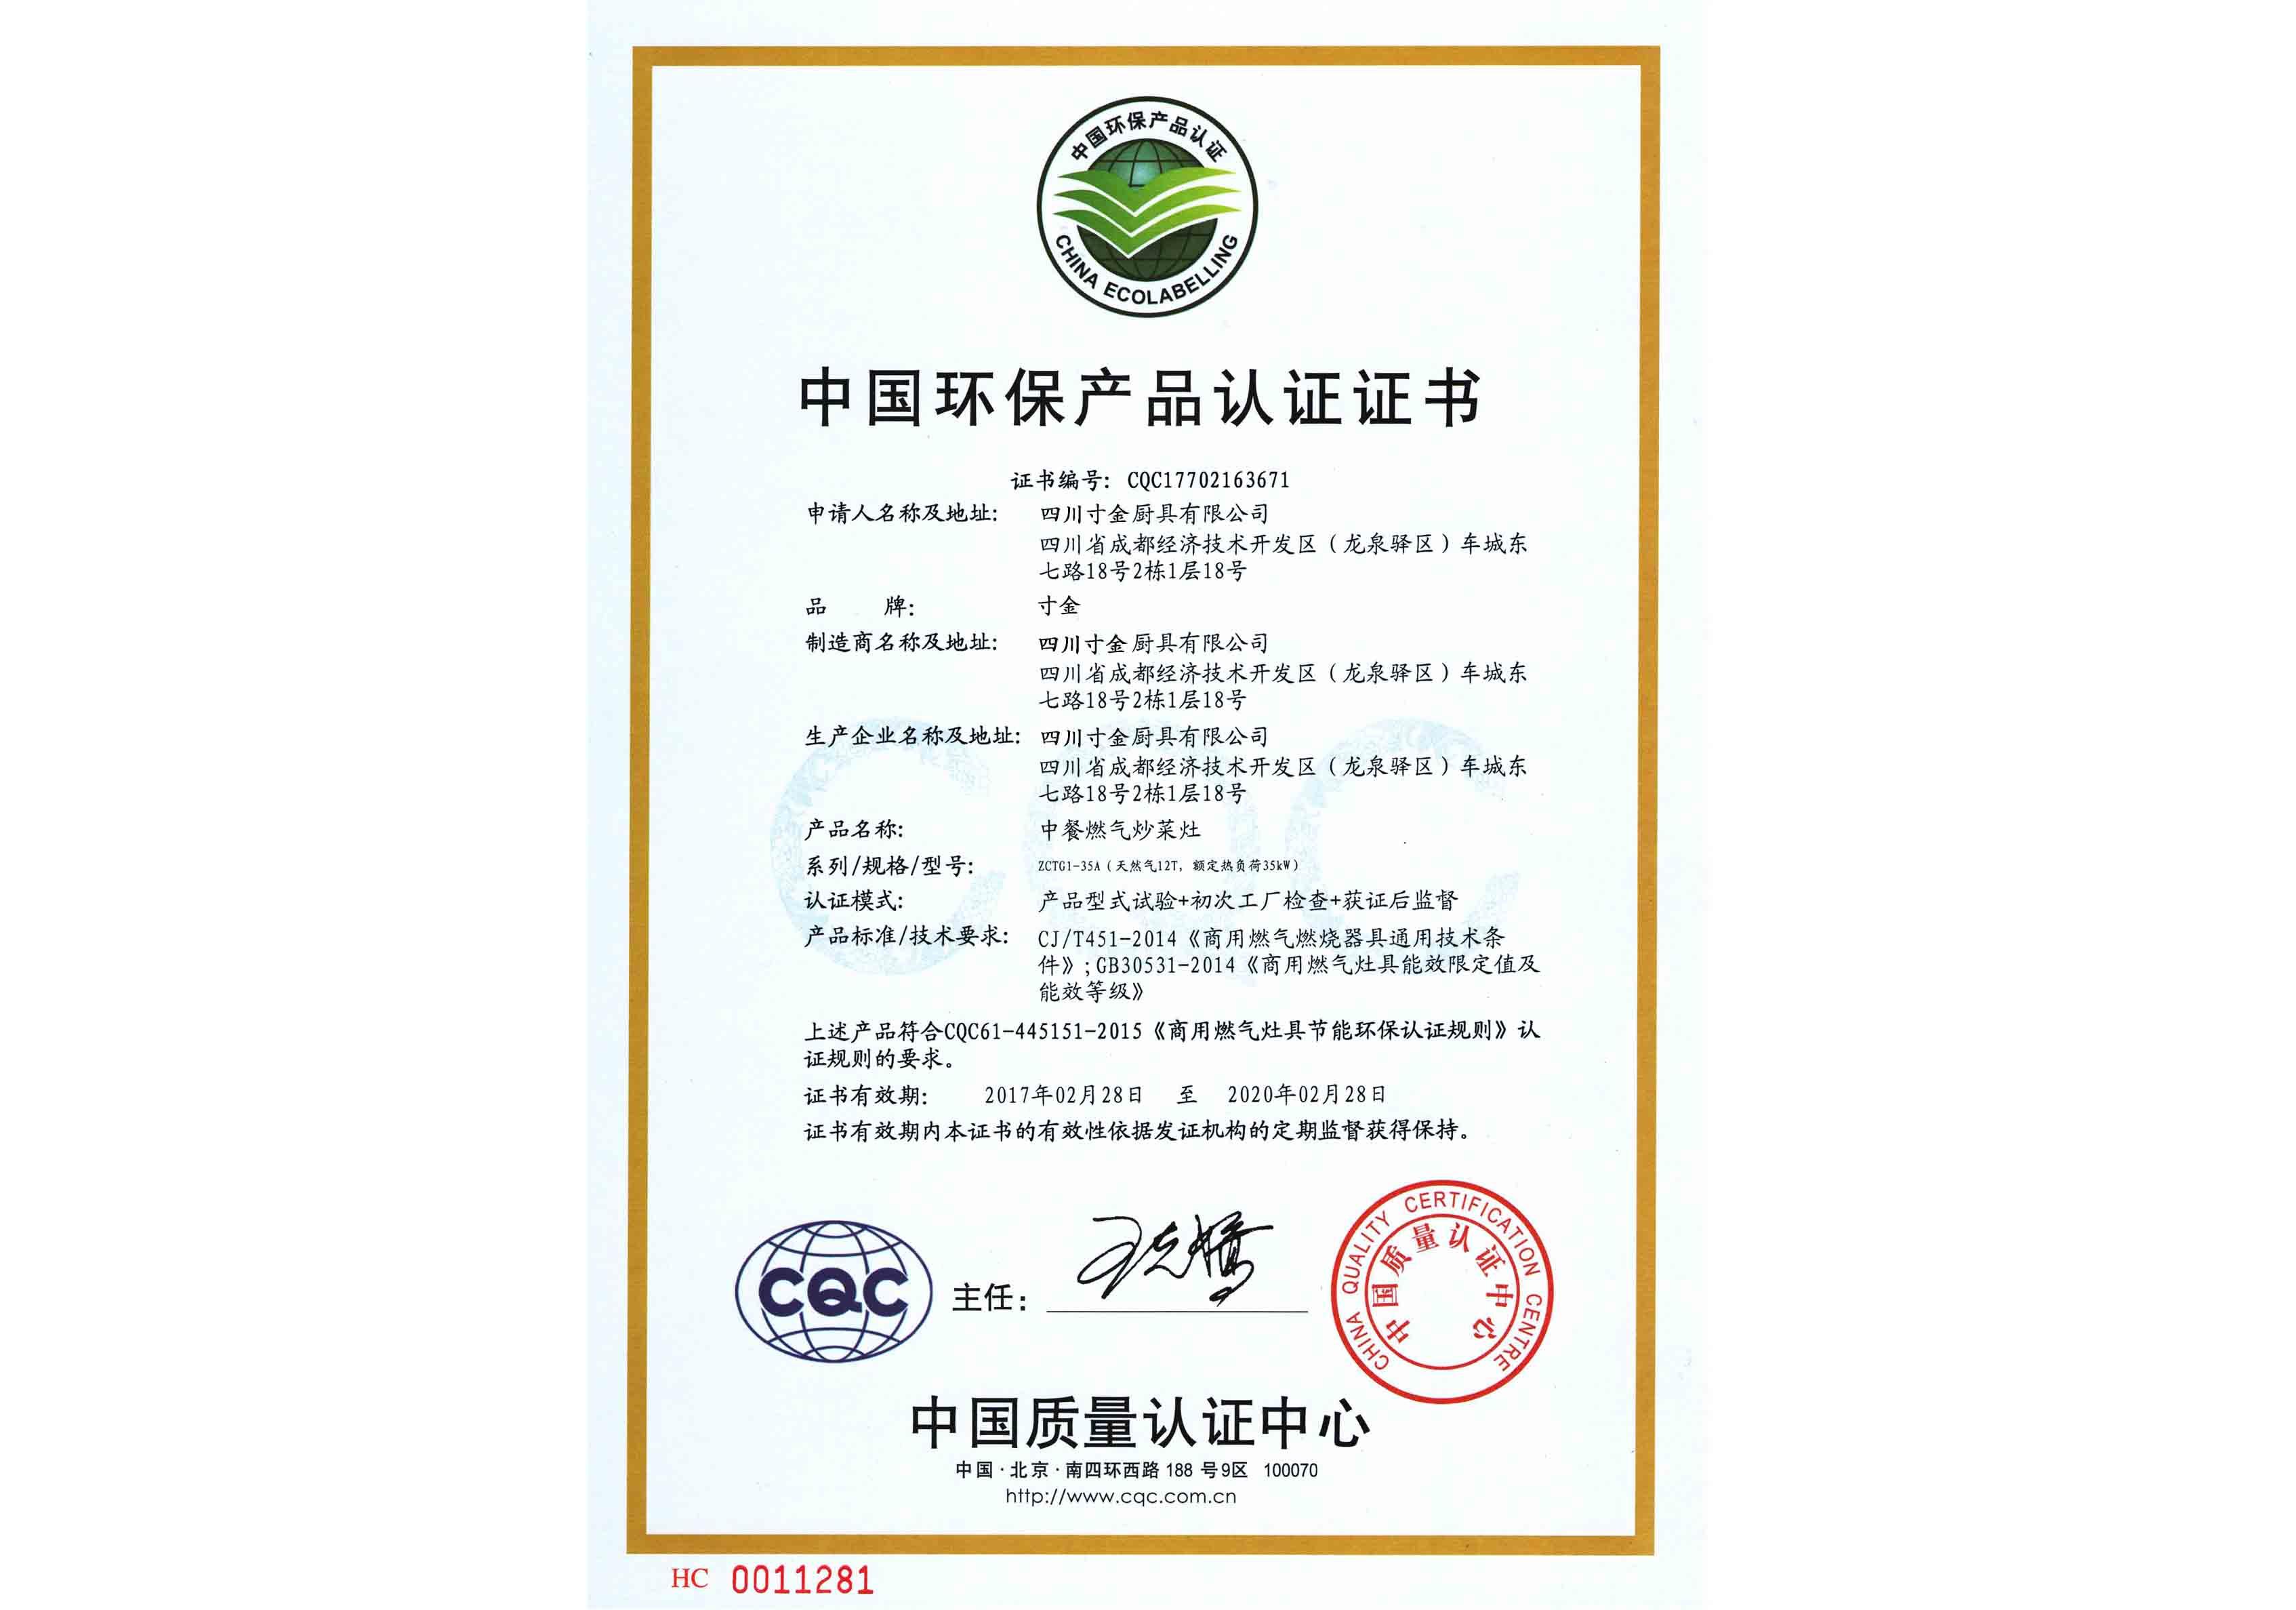 燃气灶具节能环保产品证书